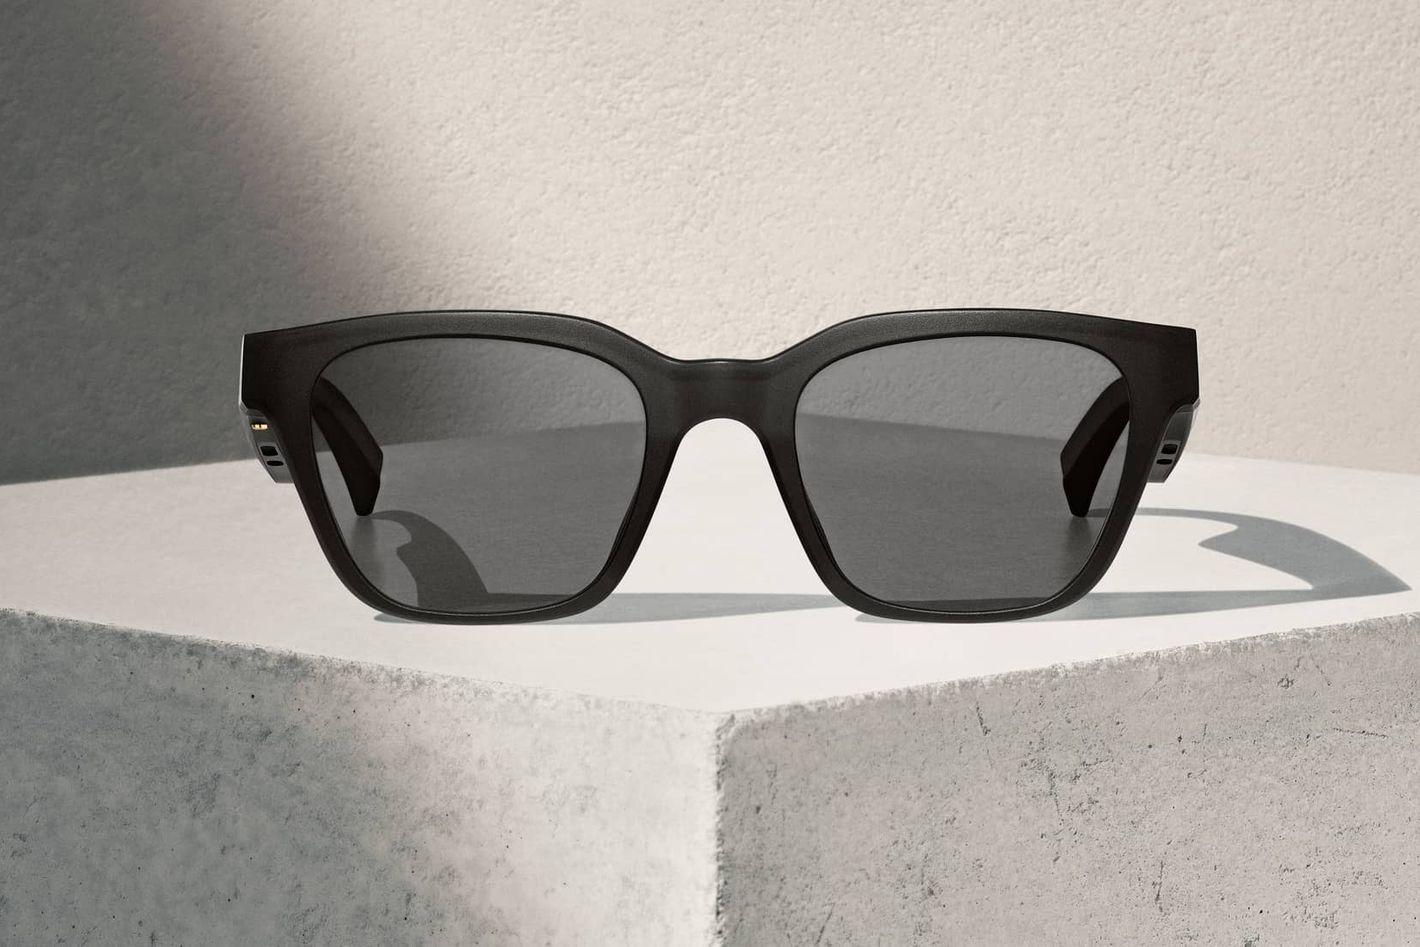 Bose Frames Audio Sunglasses Review 2019